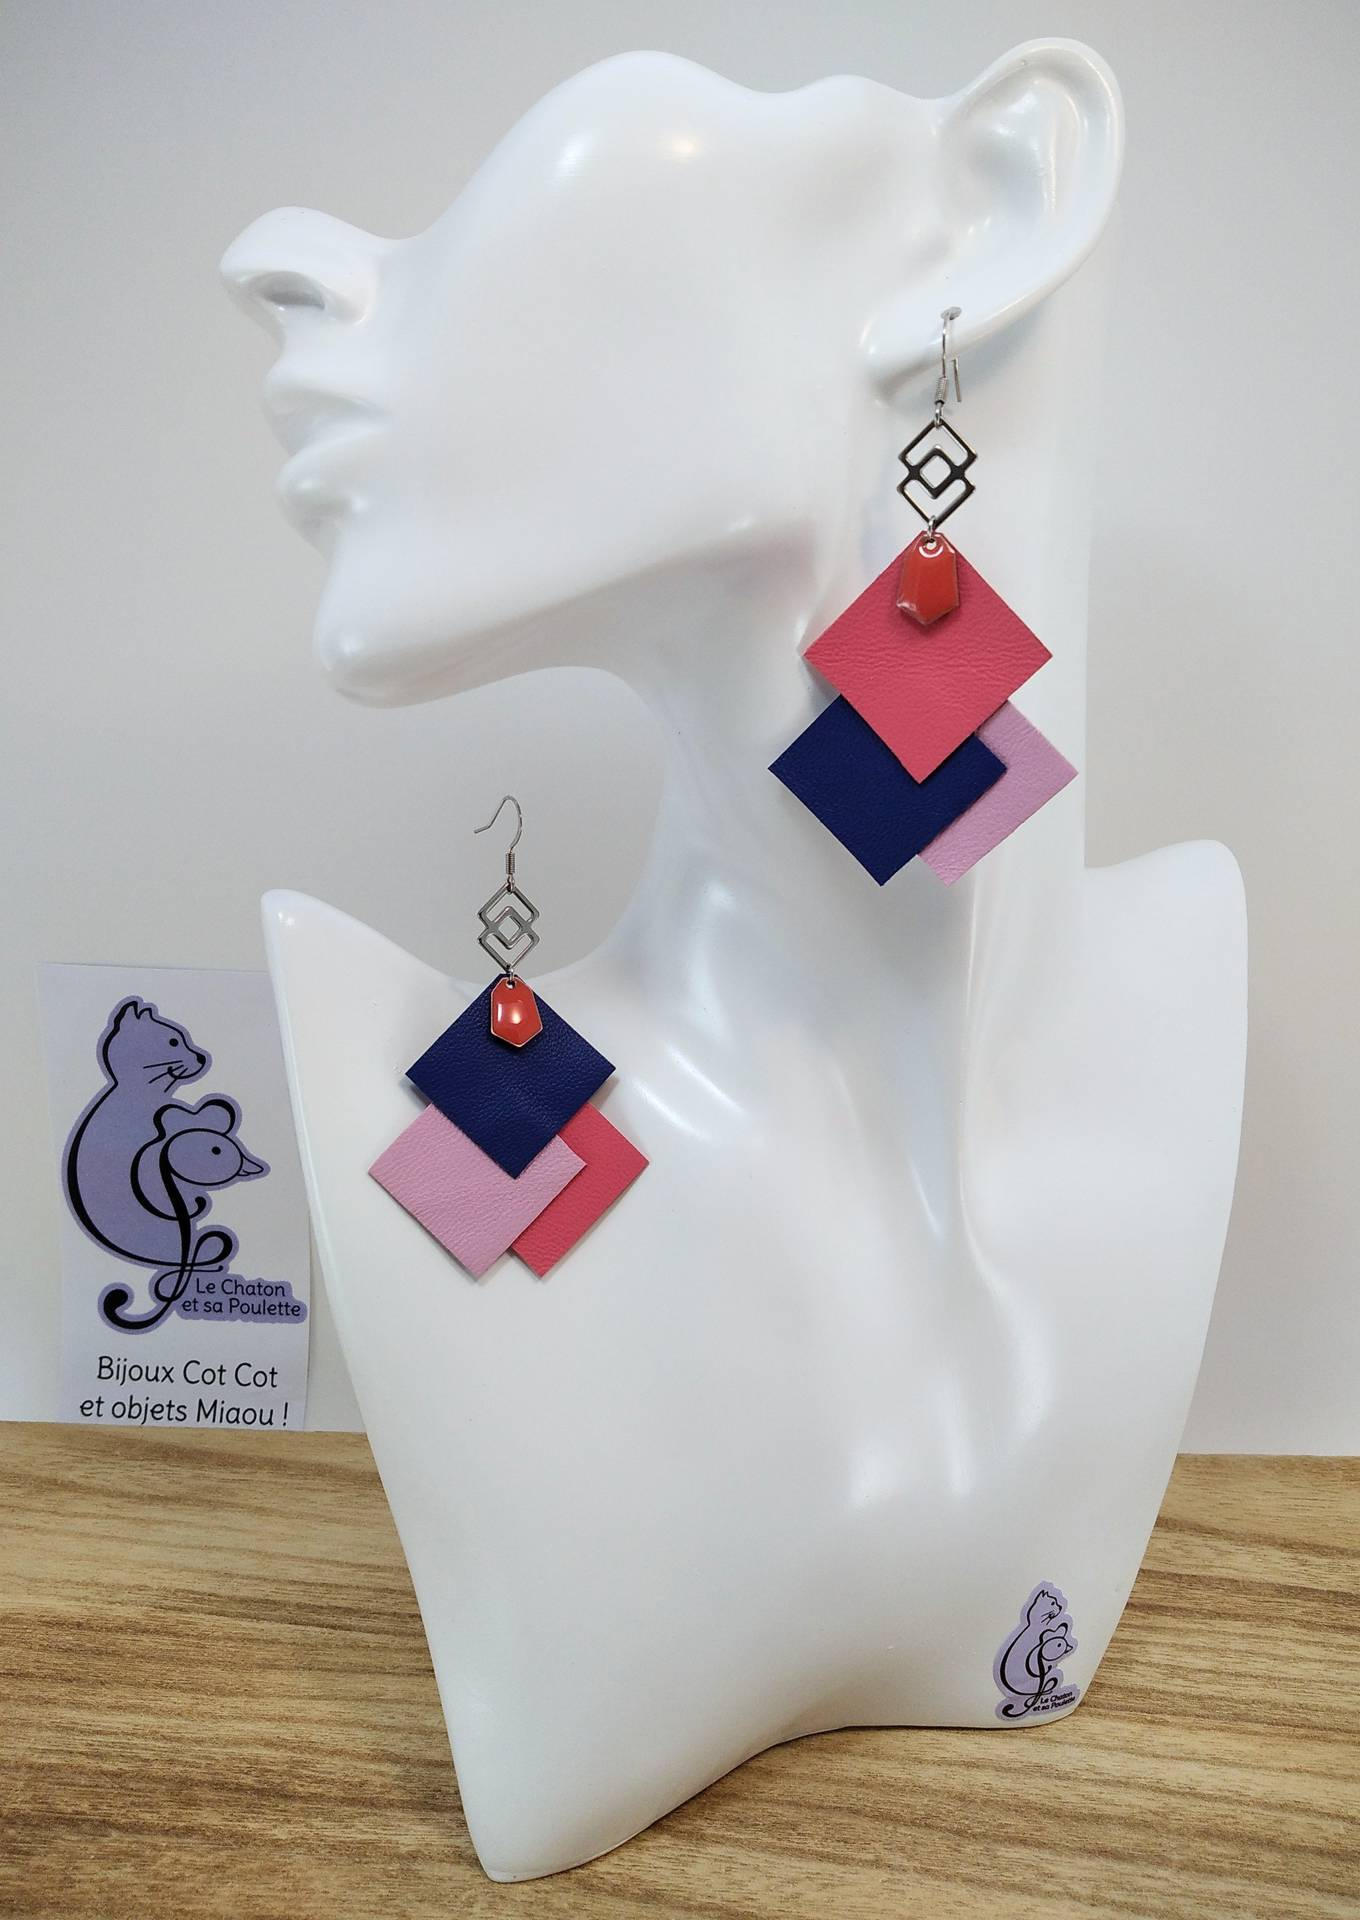 B.O. FORMIDABLE modèle 6 Cuirs rose/bleu marine/rose dragée, breloque inox carrés entrelacés et diamant rose saumon